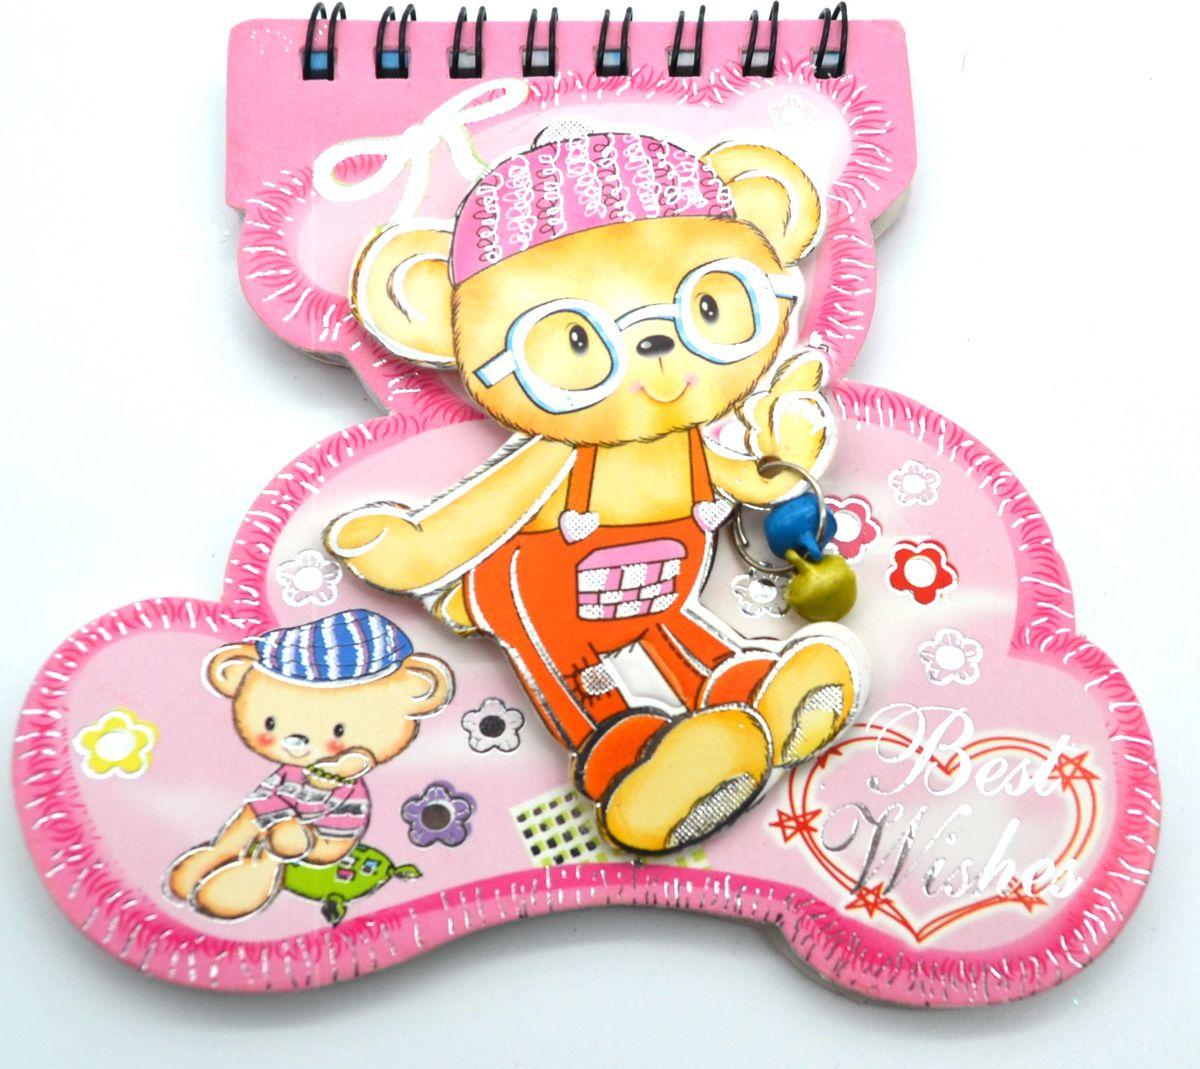 Карамба Блокнот Мишка с бубенчиками 48 листов в линейку цвет розовый 3564730396Блокнот Карамба Мишка с бубенчикам на пружине вырублен по форме мишки с объемным изображением мишки с бубенчиками на обложке. Блокнот содержит 48 разлинованных листов в линейку с изображением мишки. Изделие имеет индивидуальную упаковку.